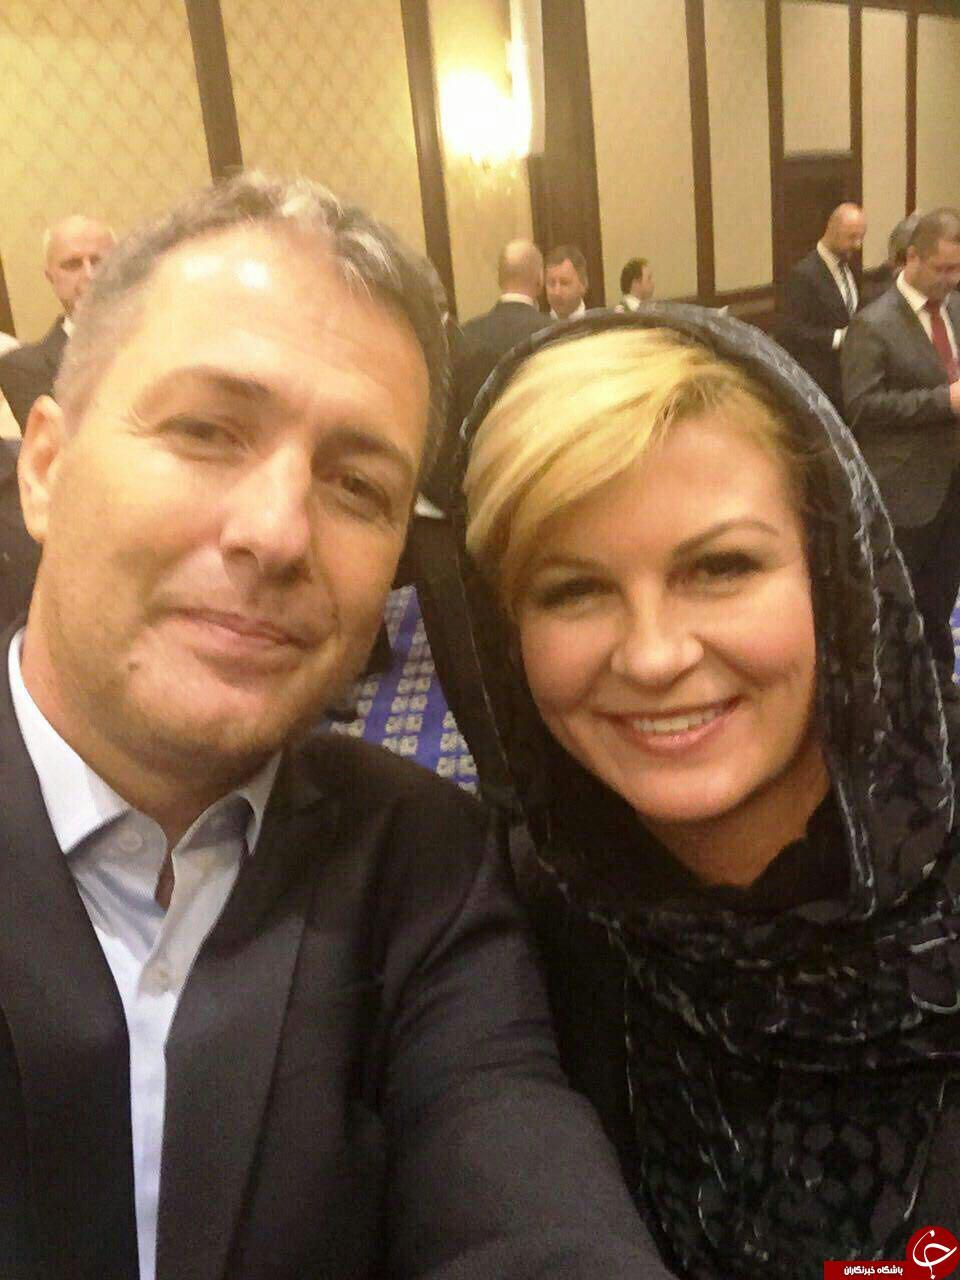 سلفی اسکوچیچ با خانم رئیس جمهور + عکس